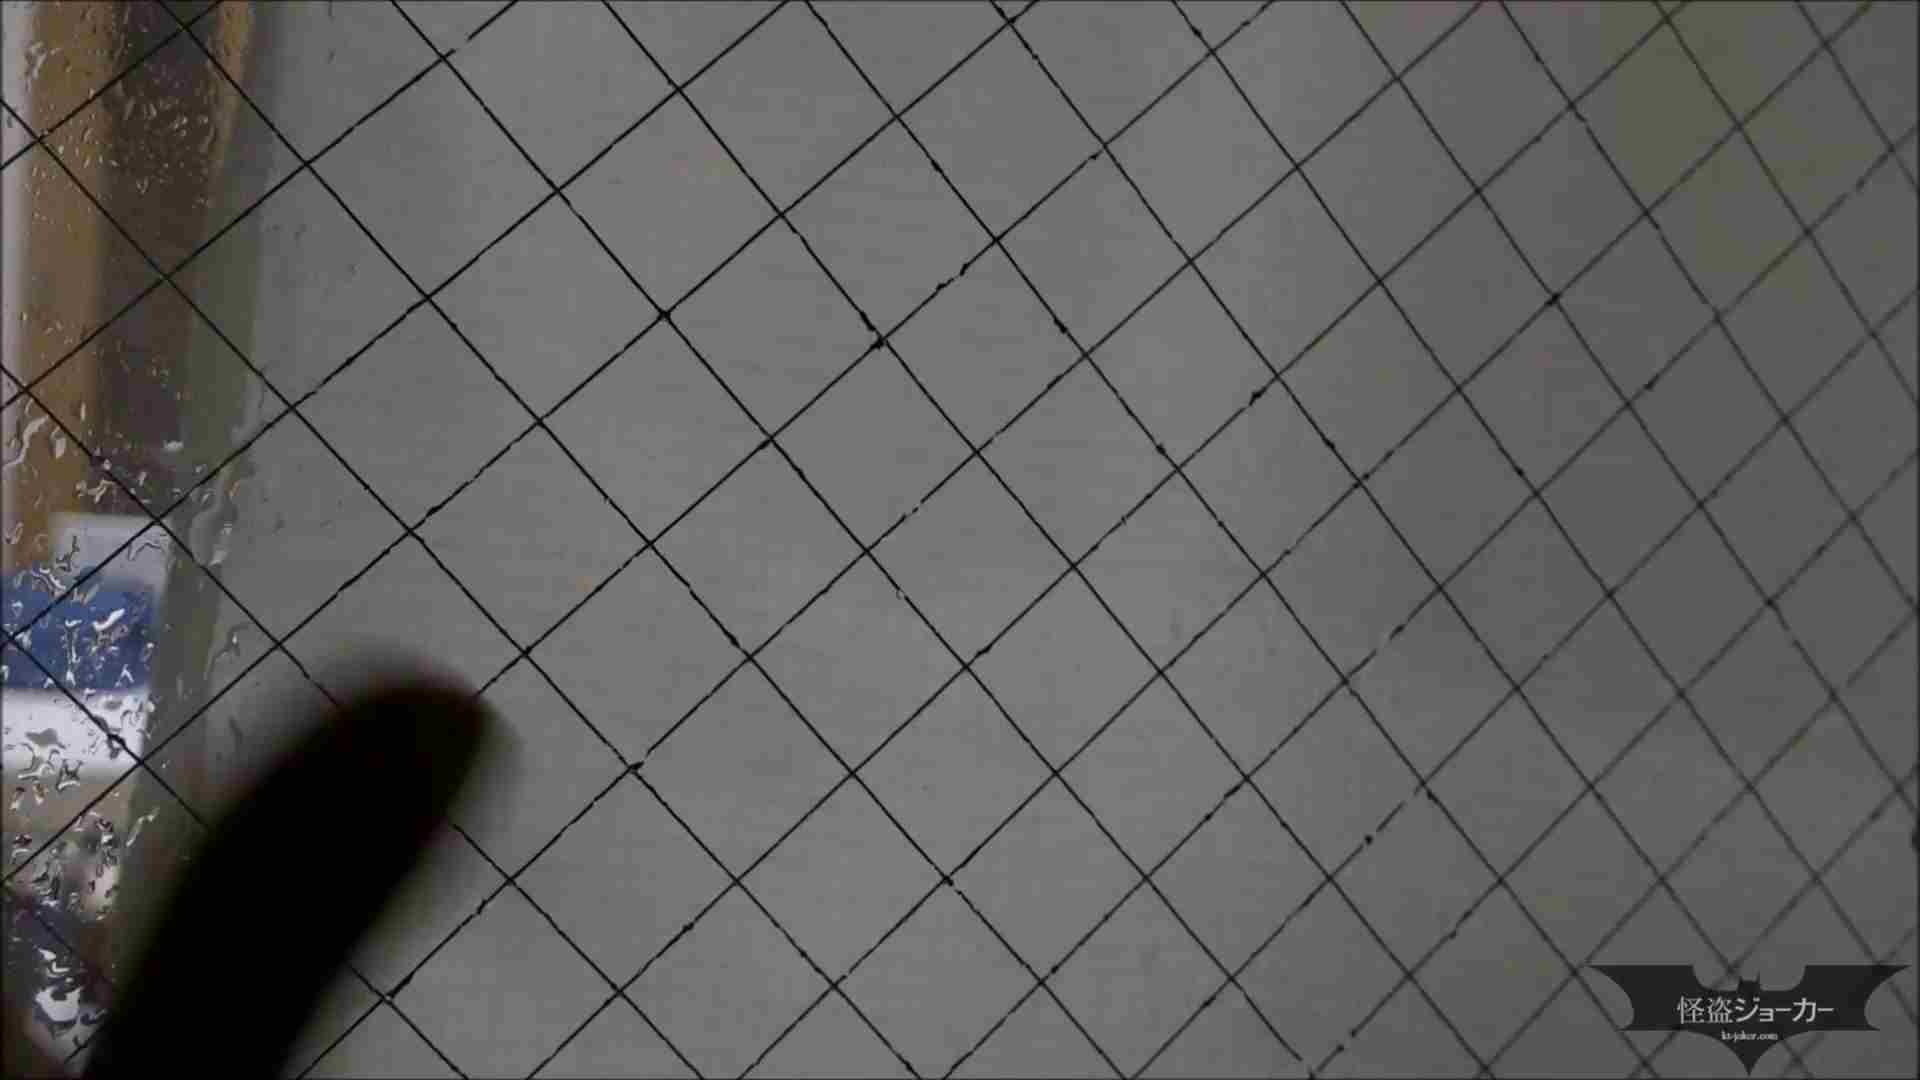 覗き見 Vol.2 【覗き見】♀友達のオナニー。-美人OL- 丸見え セックス画像 56画像 13